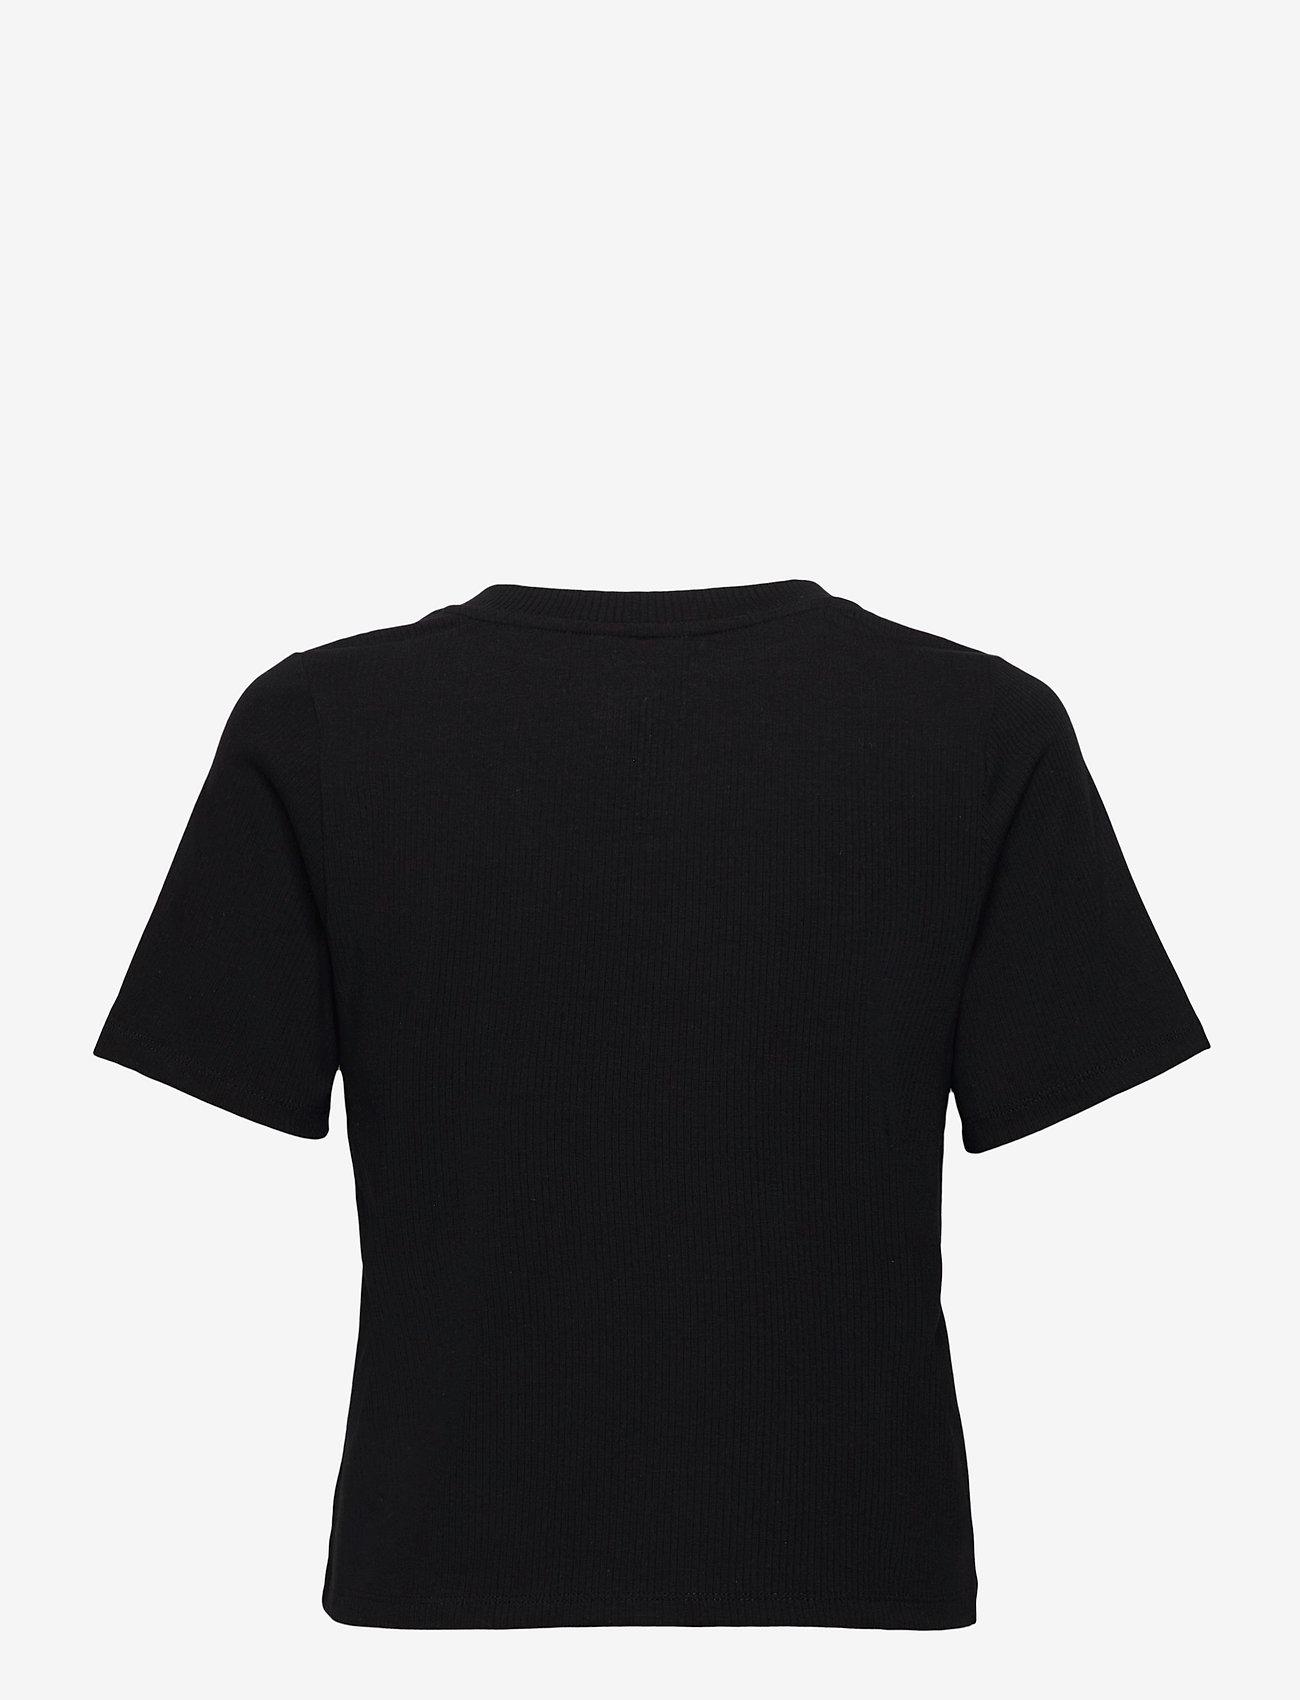 Object - OBJJADE S/S TOP 115 - t-shirt & tops - black - 1